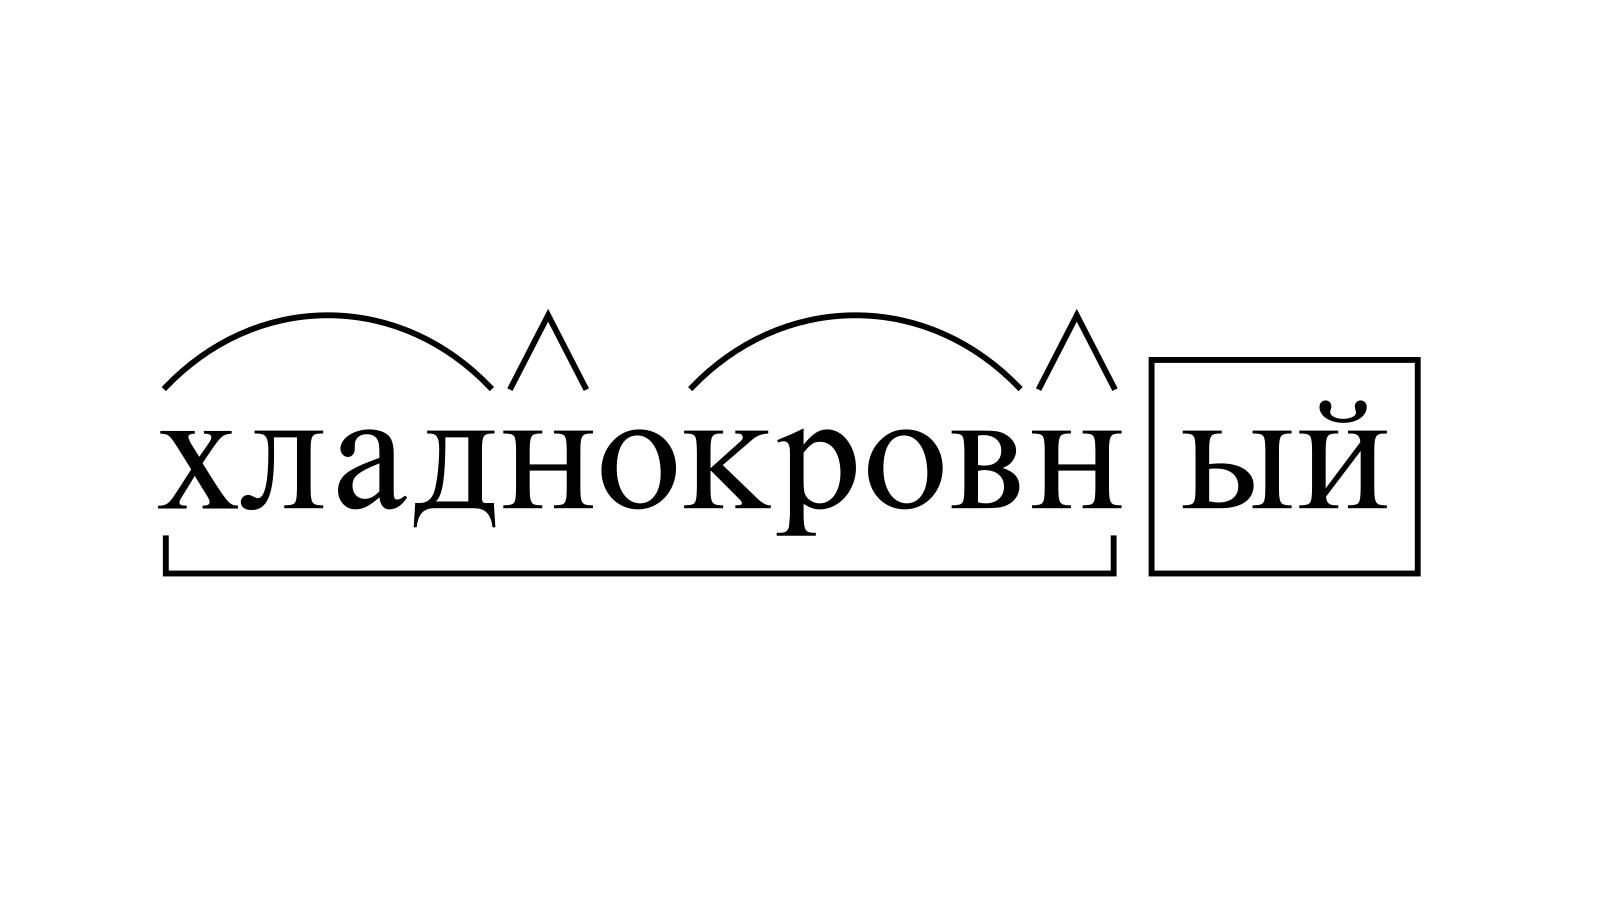 Разбор слова «хладнокровный» по составу